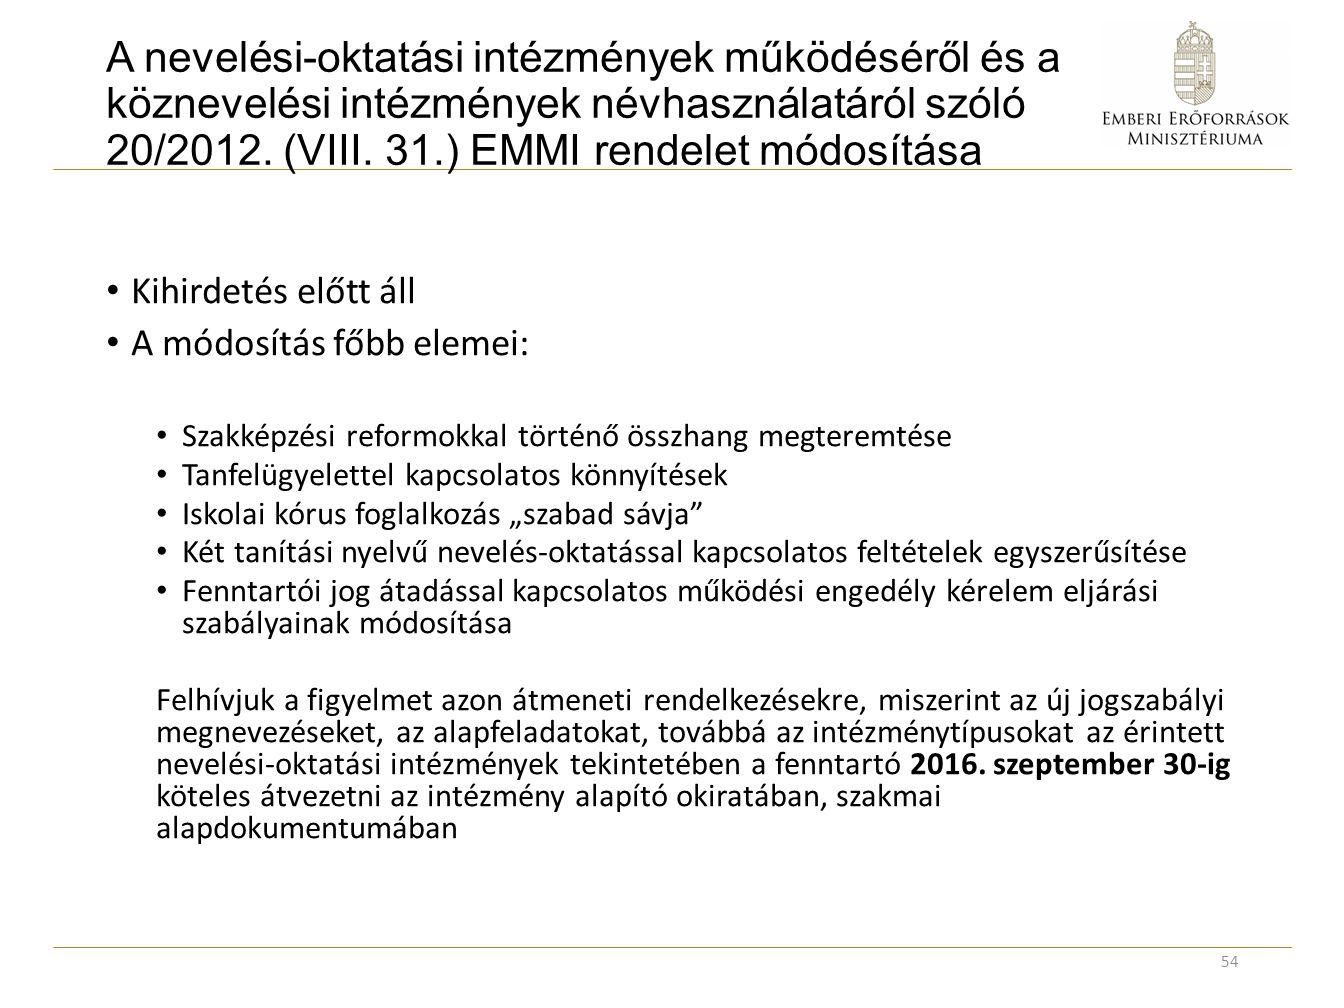 A nevelési-oktatási intézmények működéséről és a köznevelési intézmények névhasználatáról szóló 20/2012. (VIII. 31.) EMMI rendelet módosítása Kihirdet